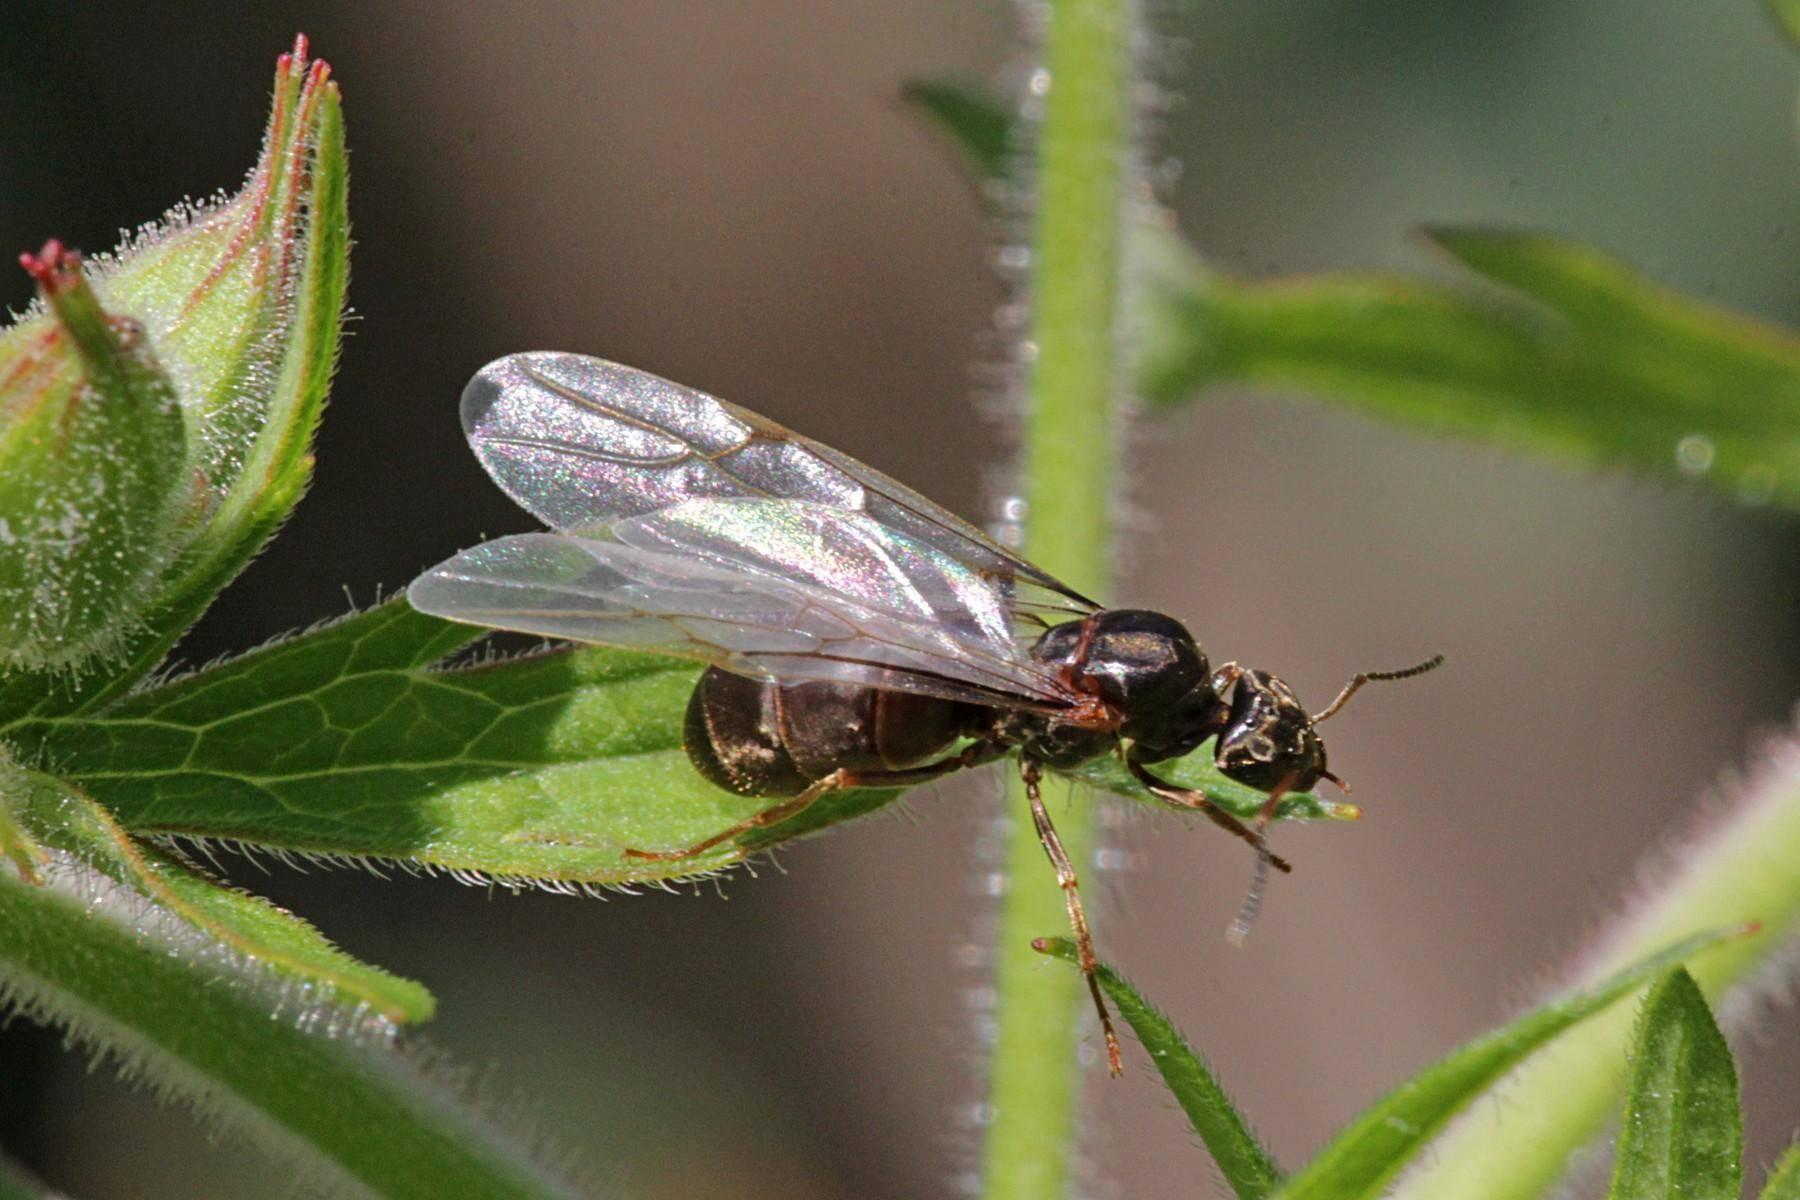 Как избавиться от летающих муравьев быстро и эффективно